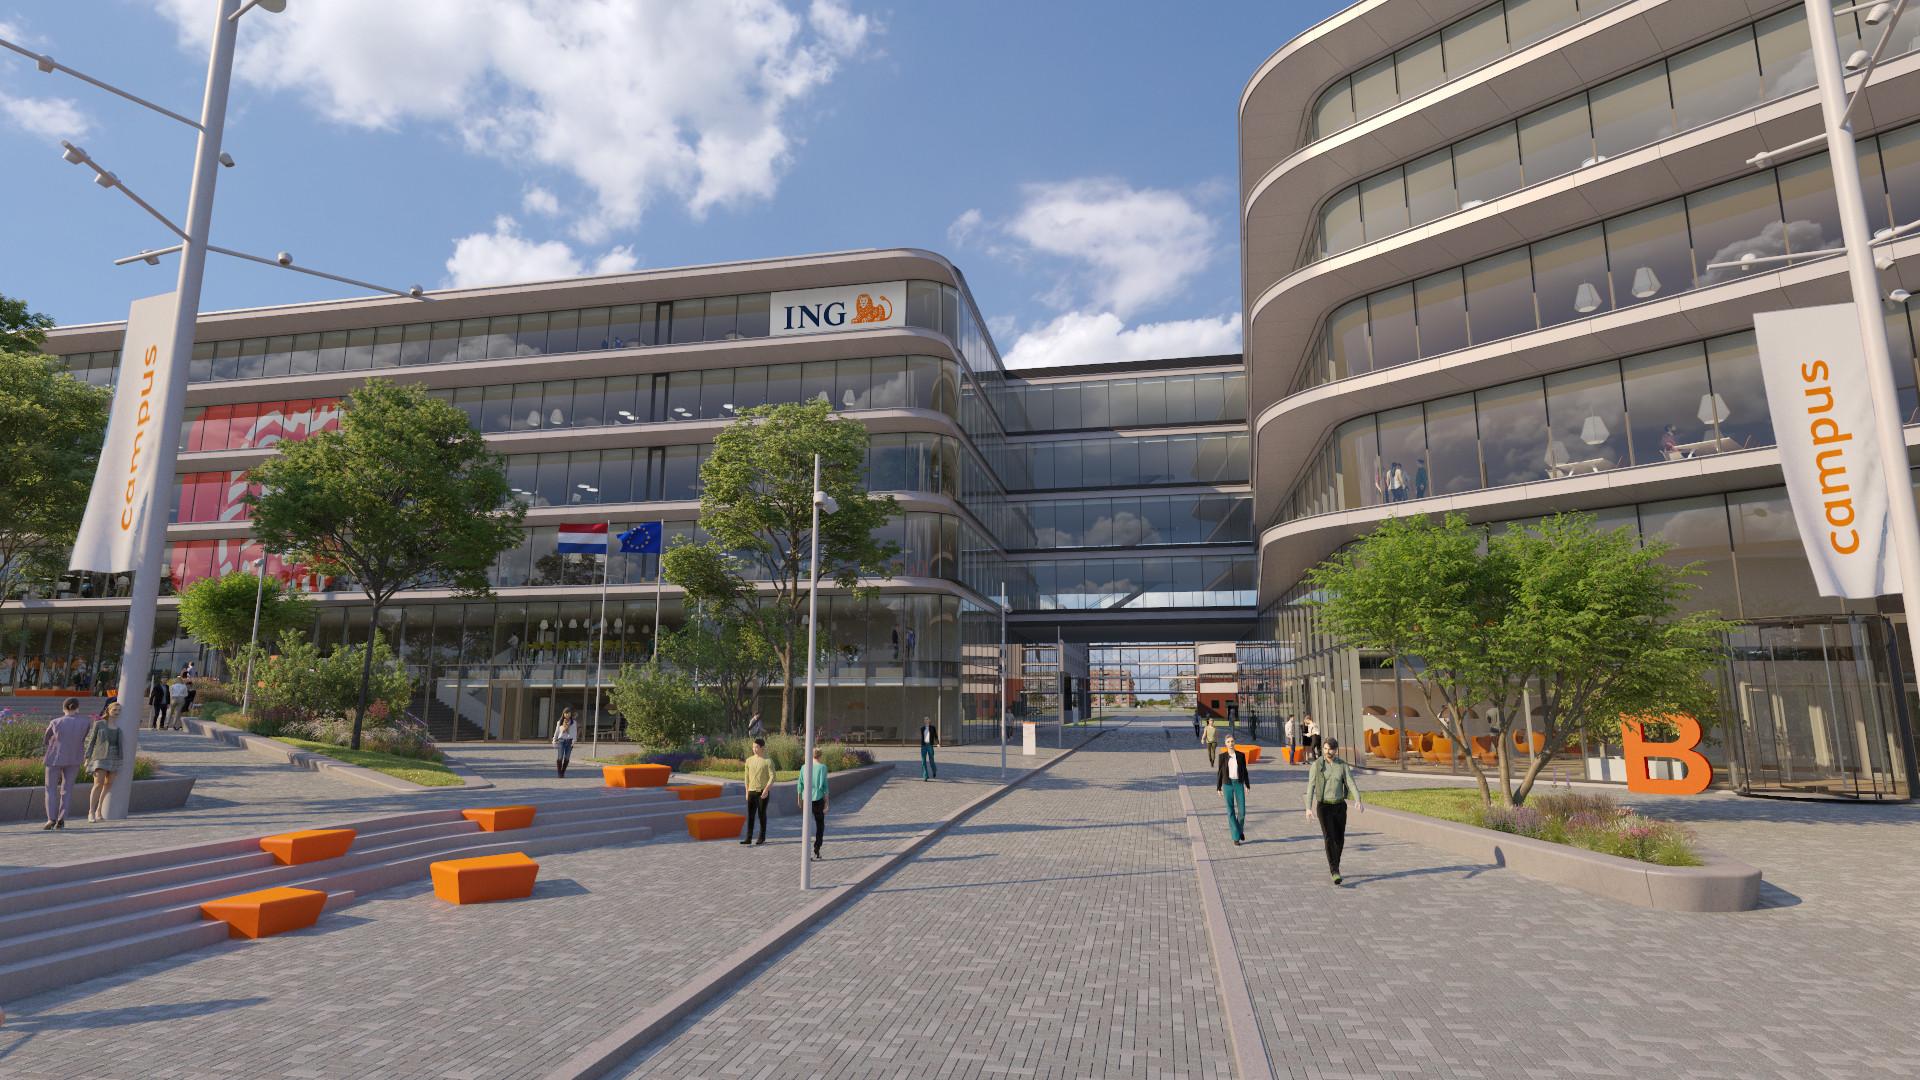 Beeldenfabriek - Ervaar de nieuwe ING Campus in VR